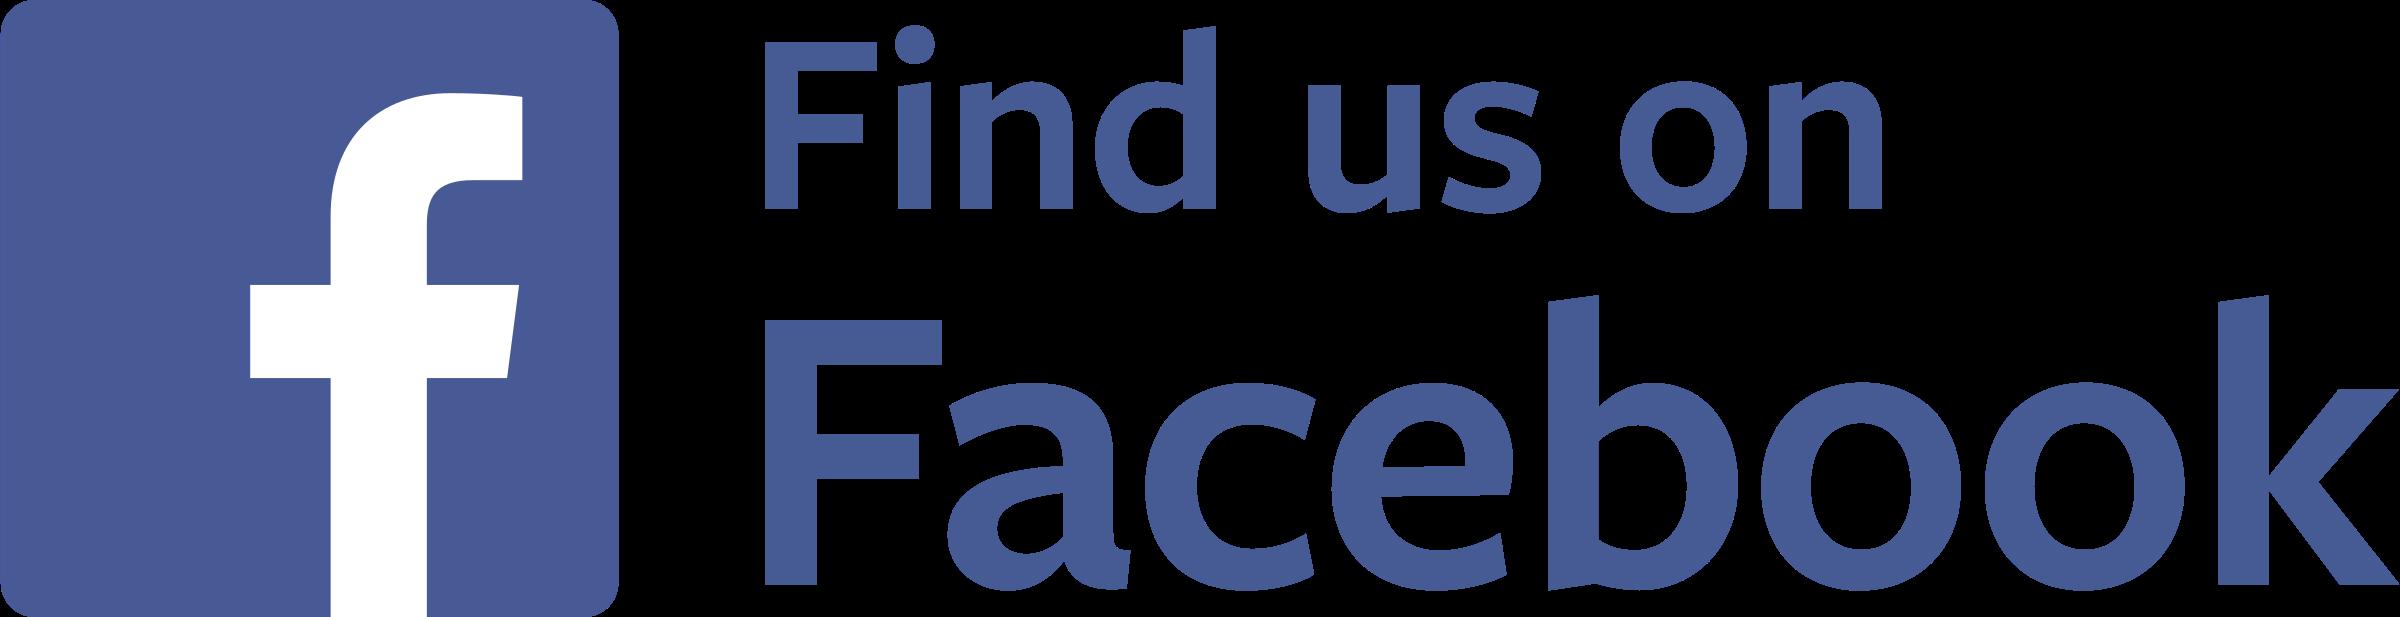 find-us-on-facebook-logo-png-transparent